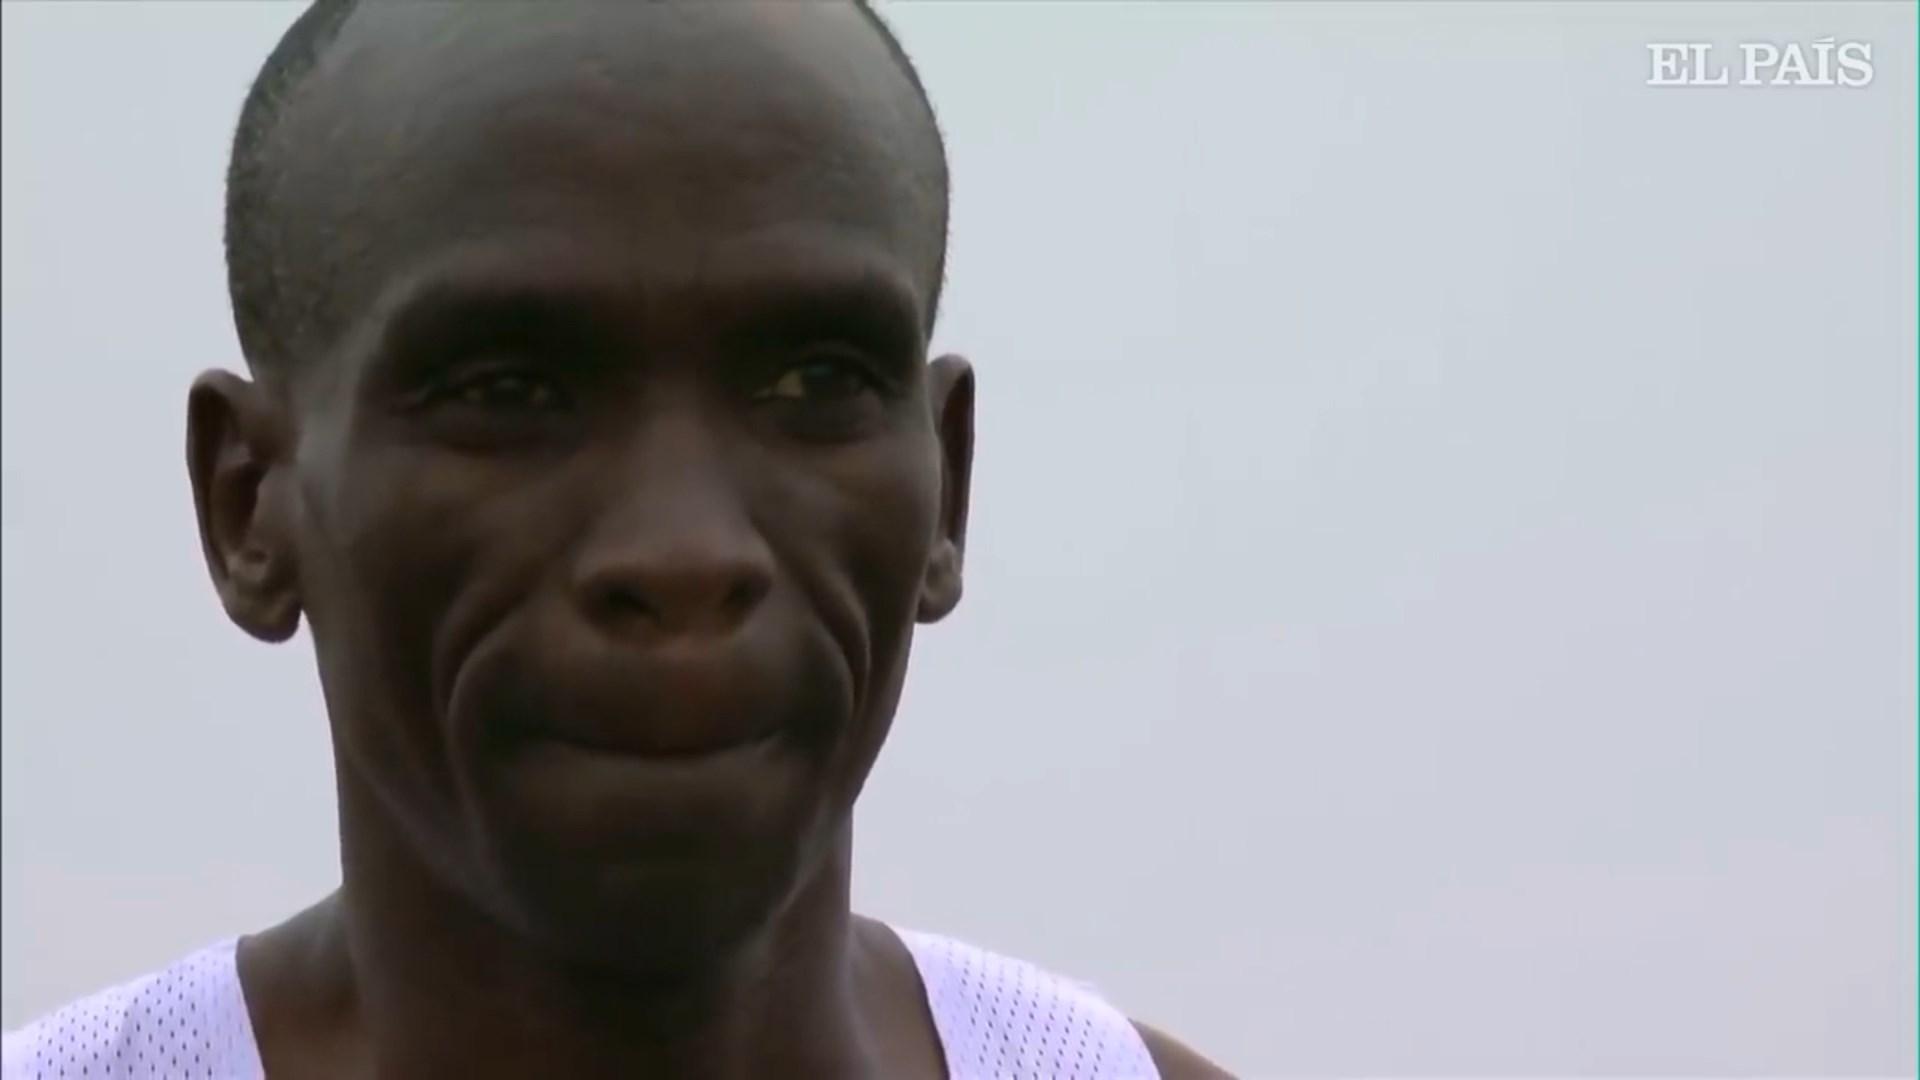 Keniani Kipçoge vrapon maratonën nën 2 orë, në një rekord vendosur në Vjenë